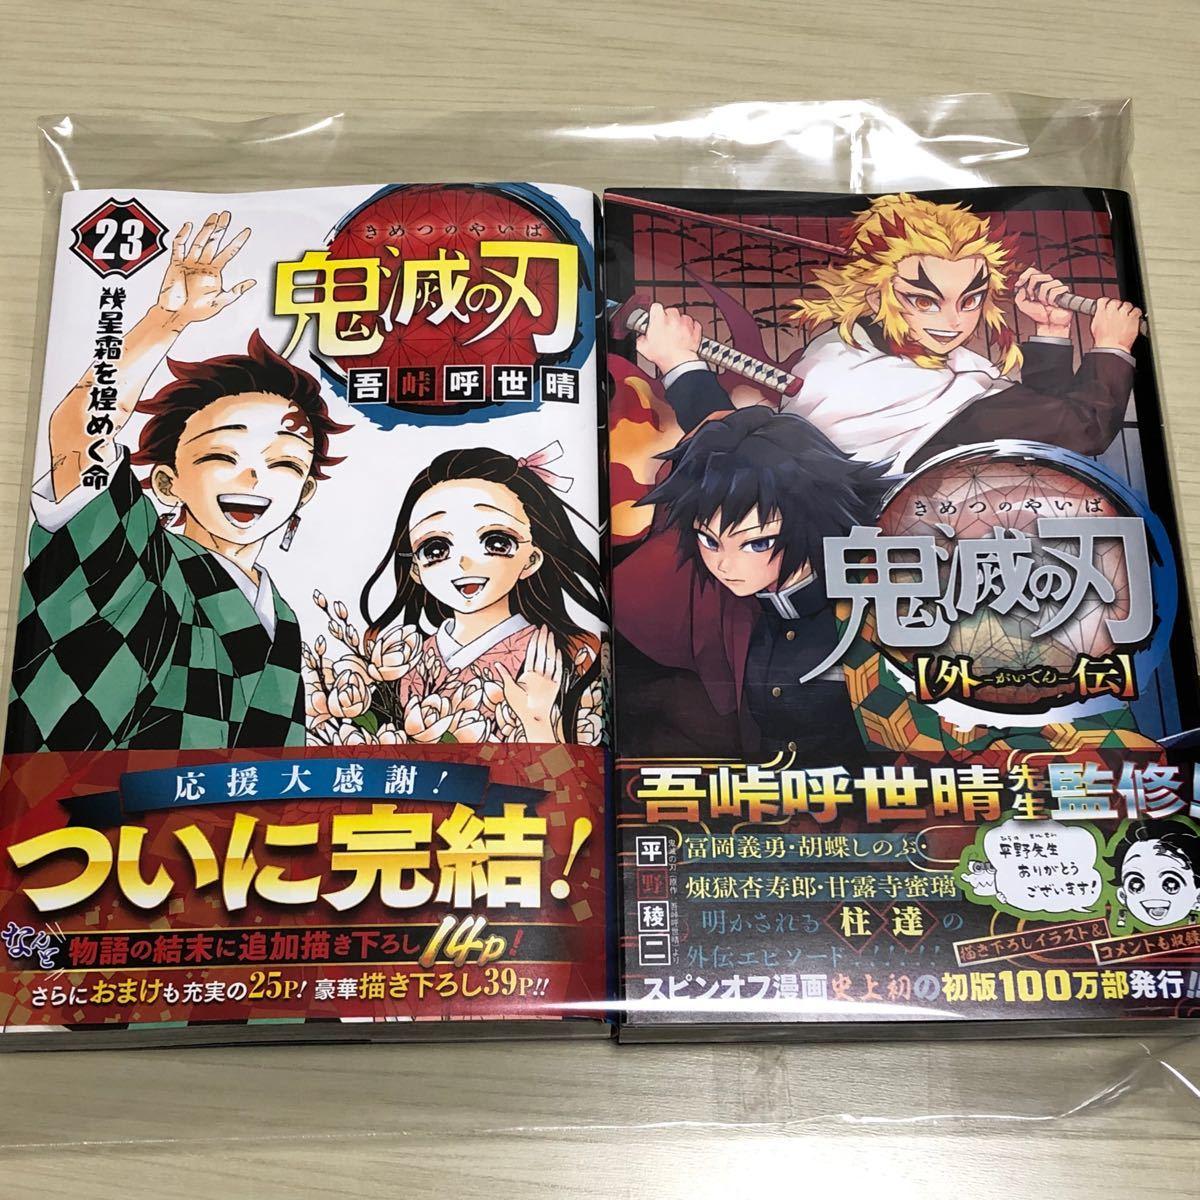 鬼滅の刃 23巻 通常版 + 鬼滅の刃 外伝 初版 新品